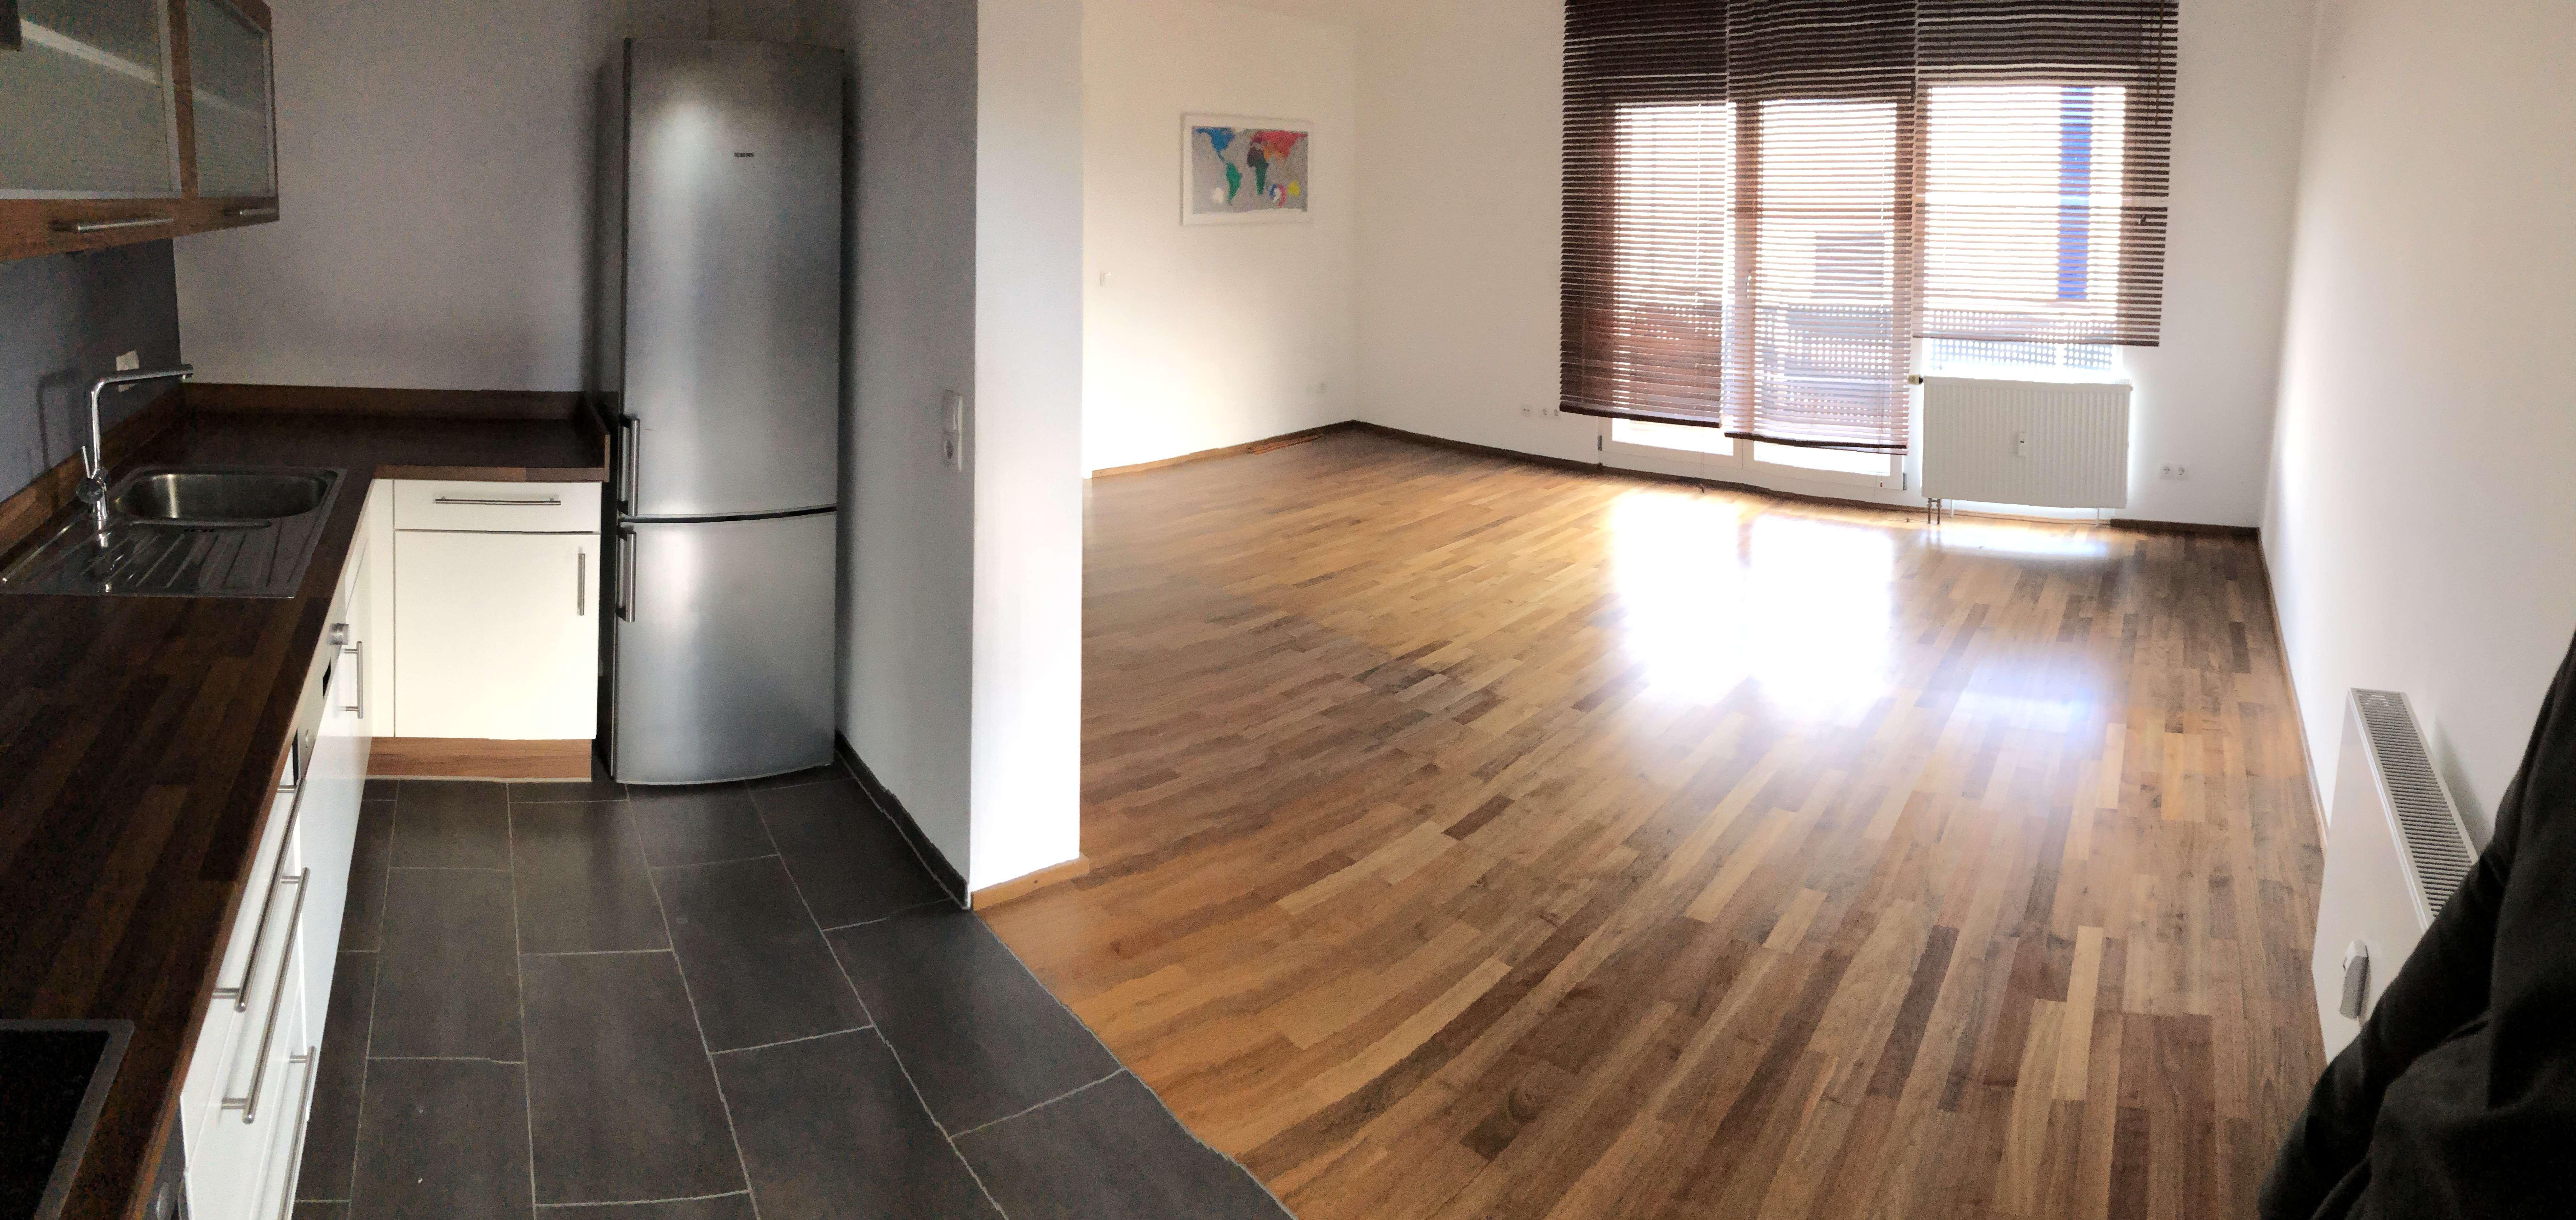 Exklusive Wohnung in perfekter Lage - 58 m² - 2 Zimmer - Privat in Stadtmitte (Aschaffenburg)